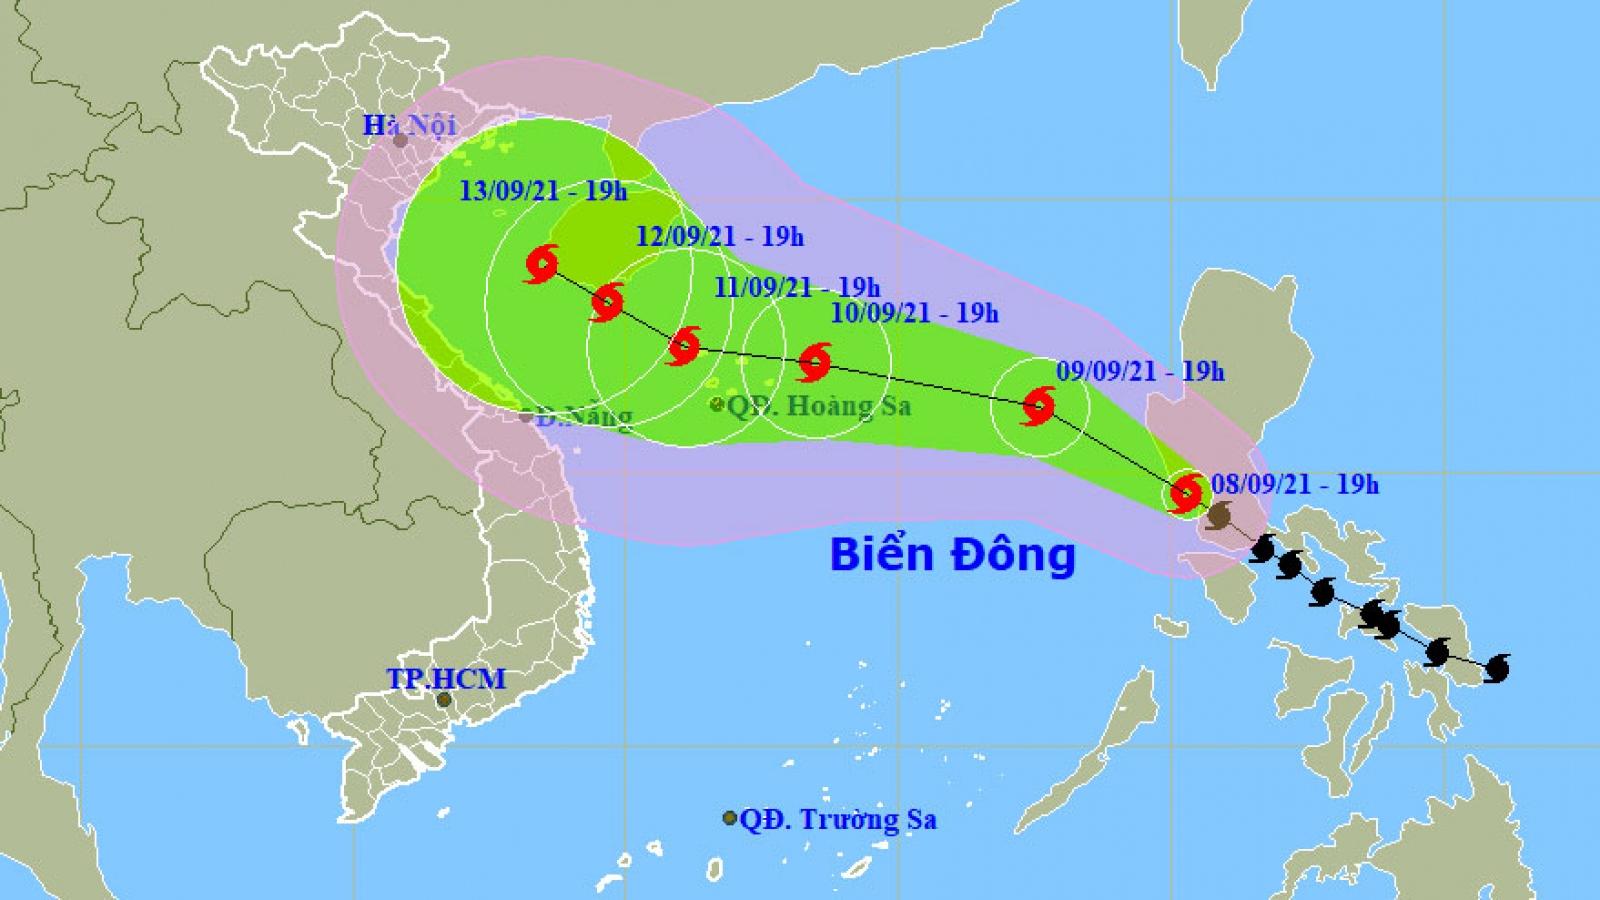 Bão Conson giật cấp 11 sẽ đi vào Biển Đông trong đêm nay